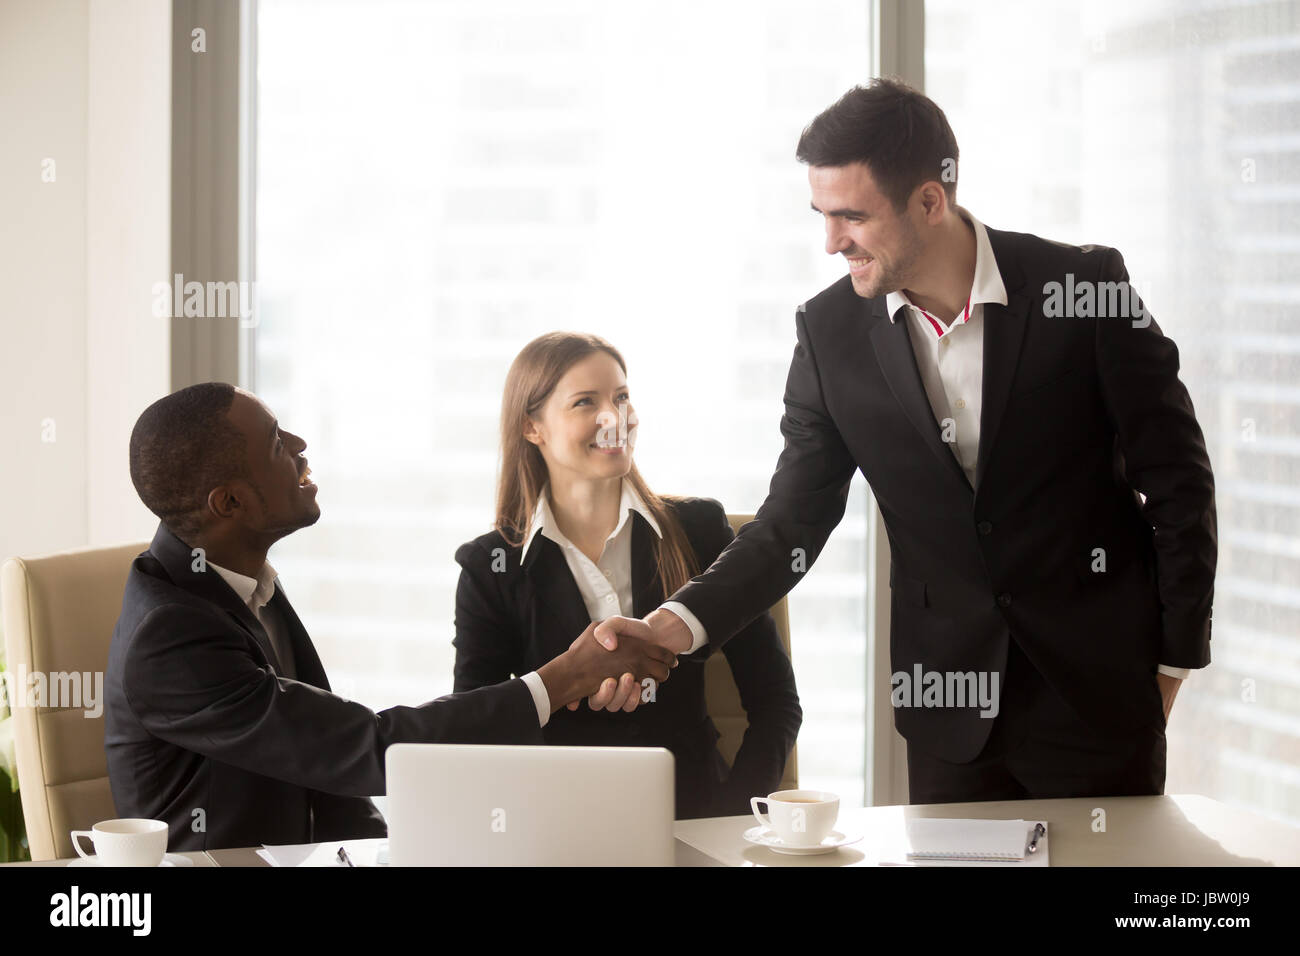 South American and Caucasian businessmen handshaking en séance officielle, l'accueil des nouveaux entrepreneurs Photo Stock